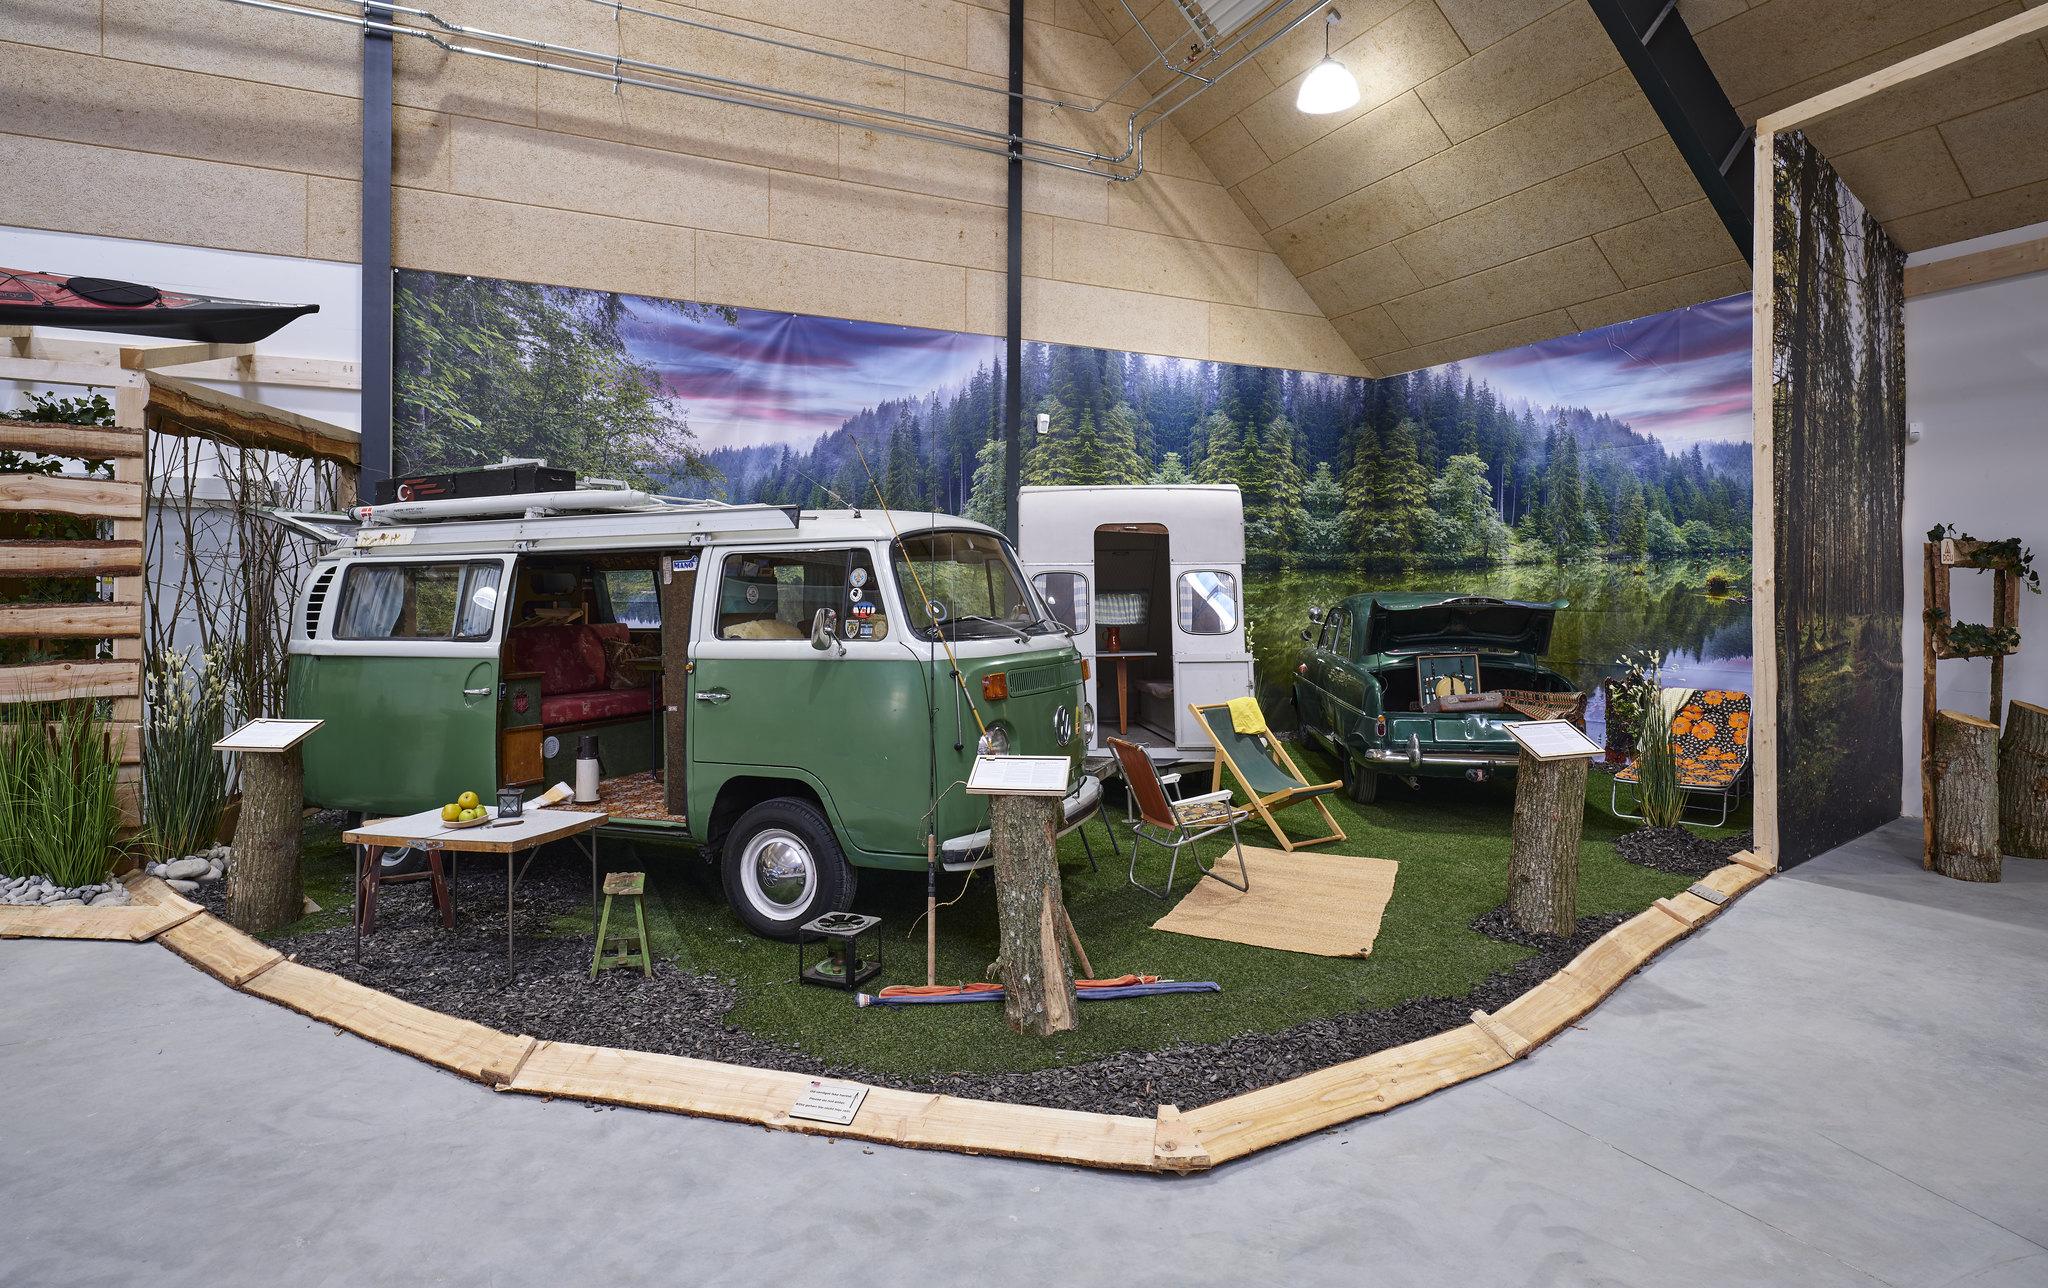 Camping Outdoor Museum danimarca